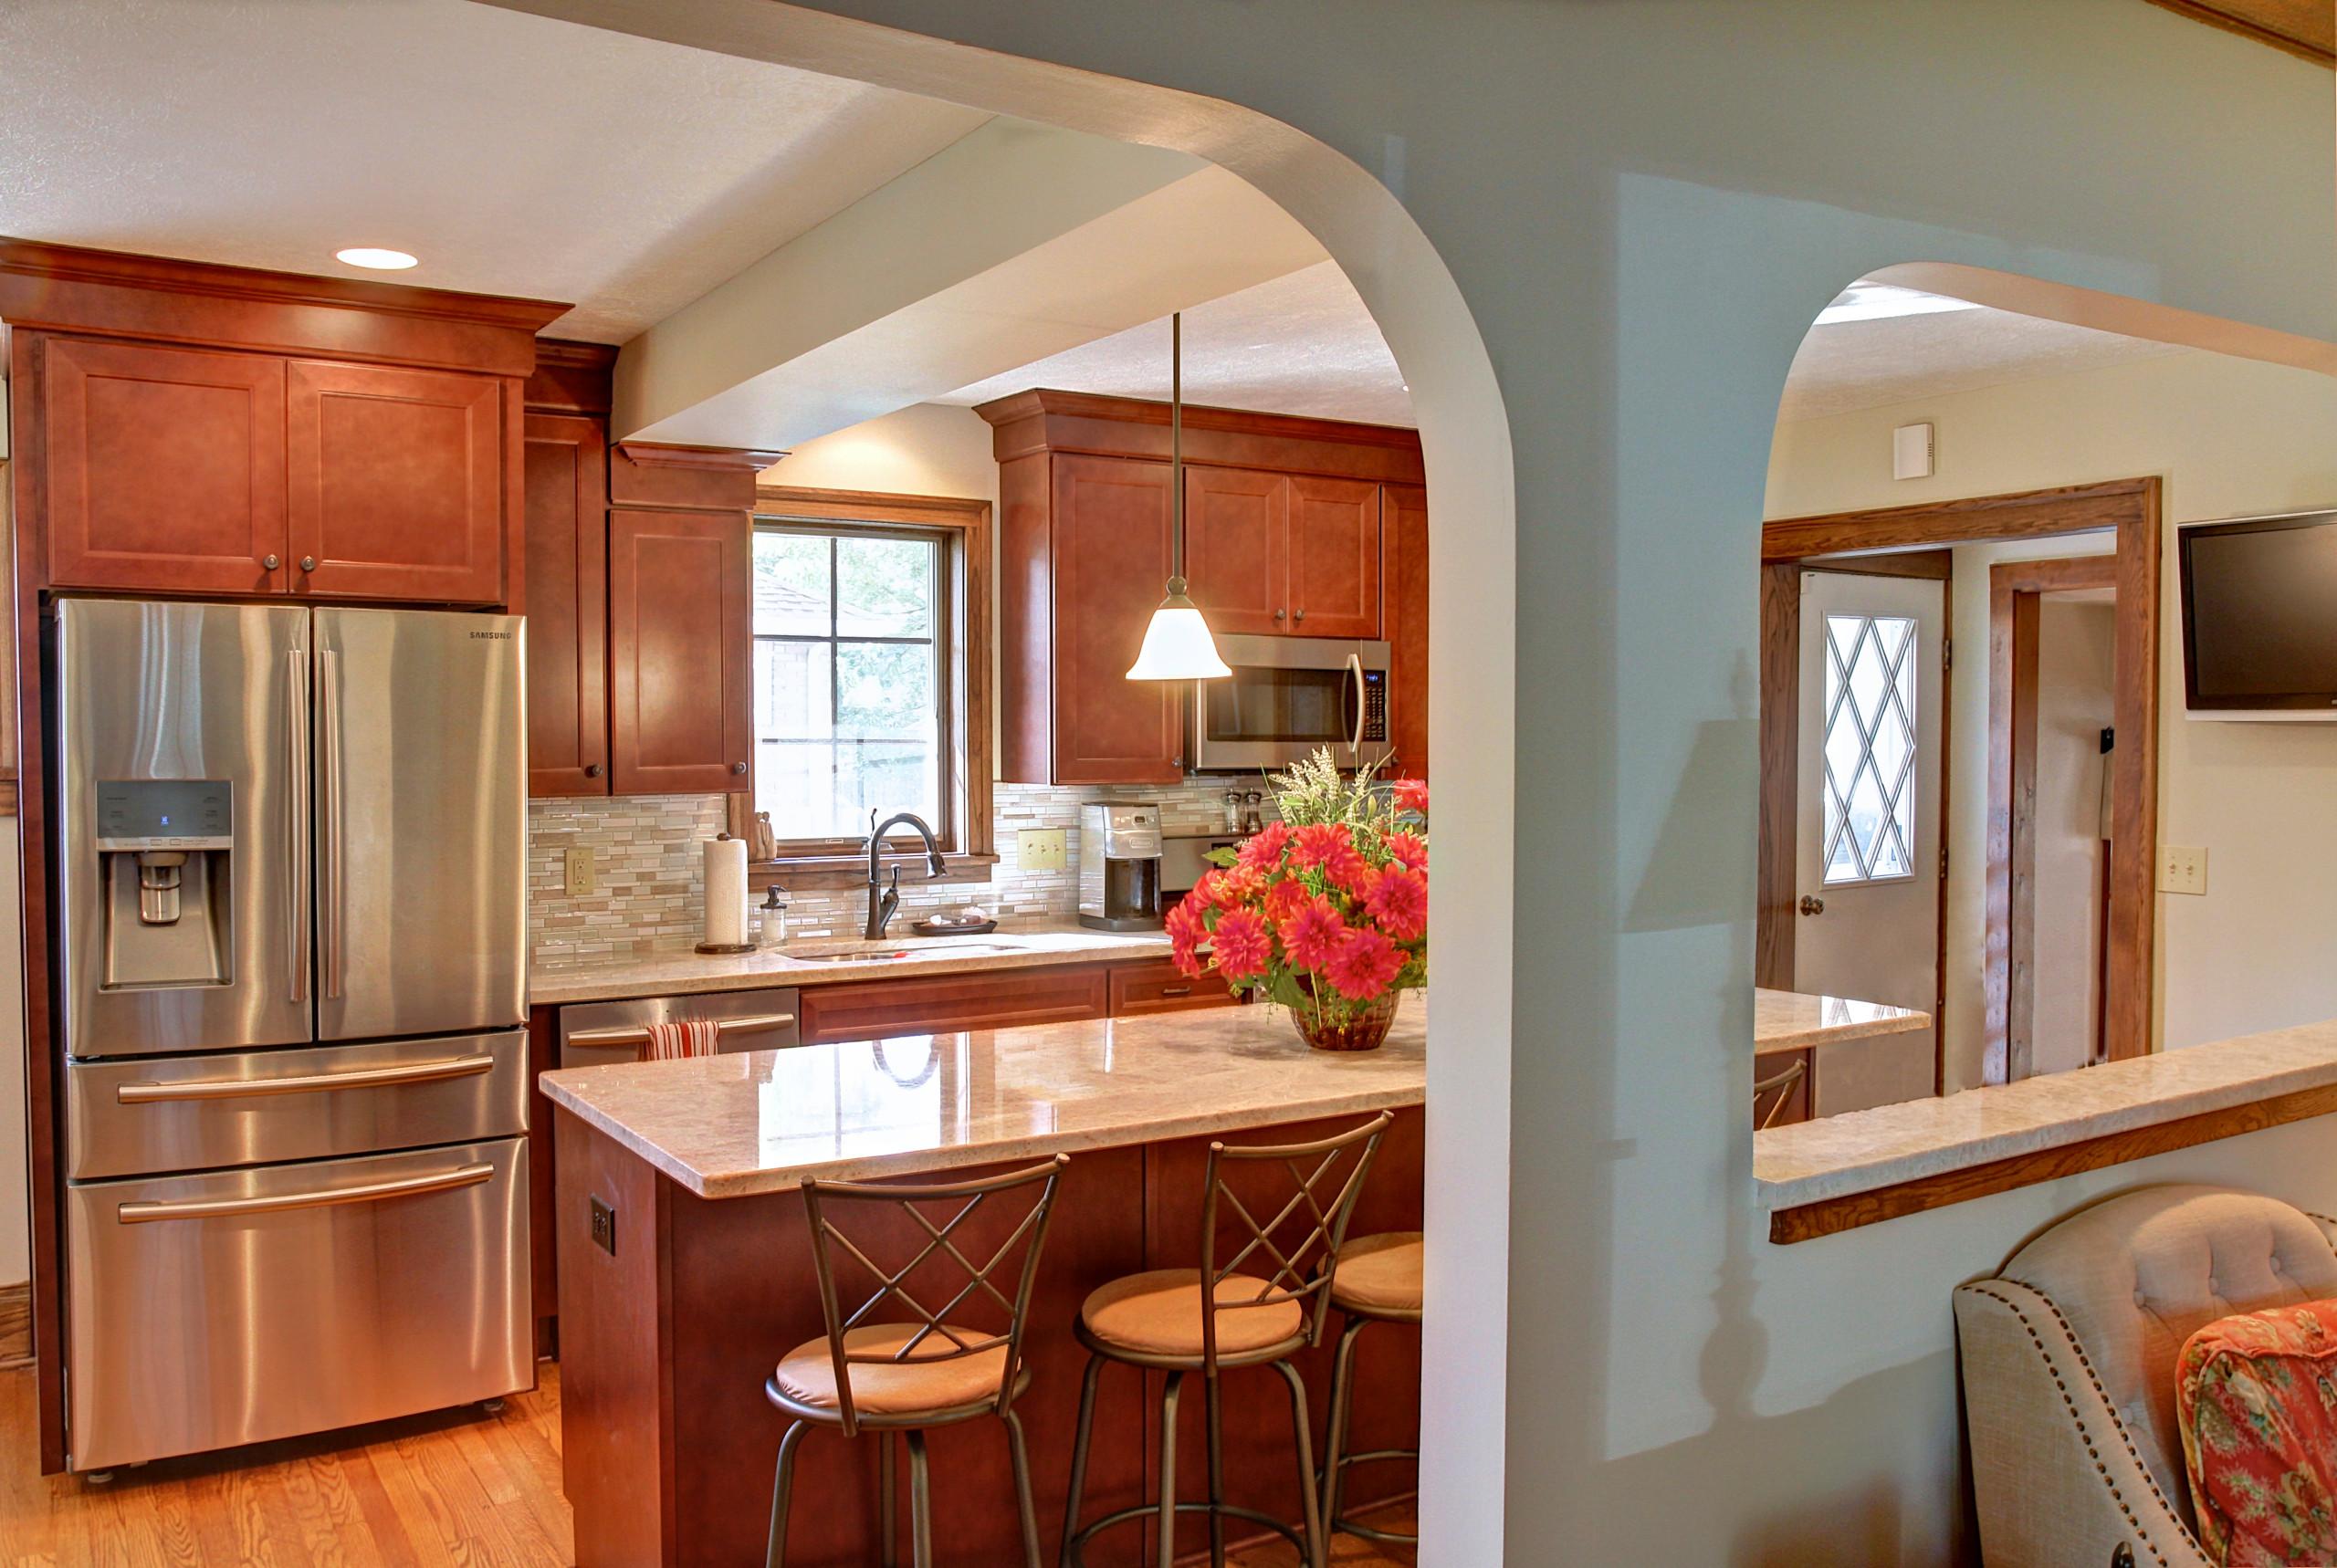 Fairview Park Kitchen Renovation